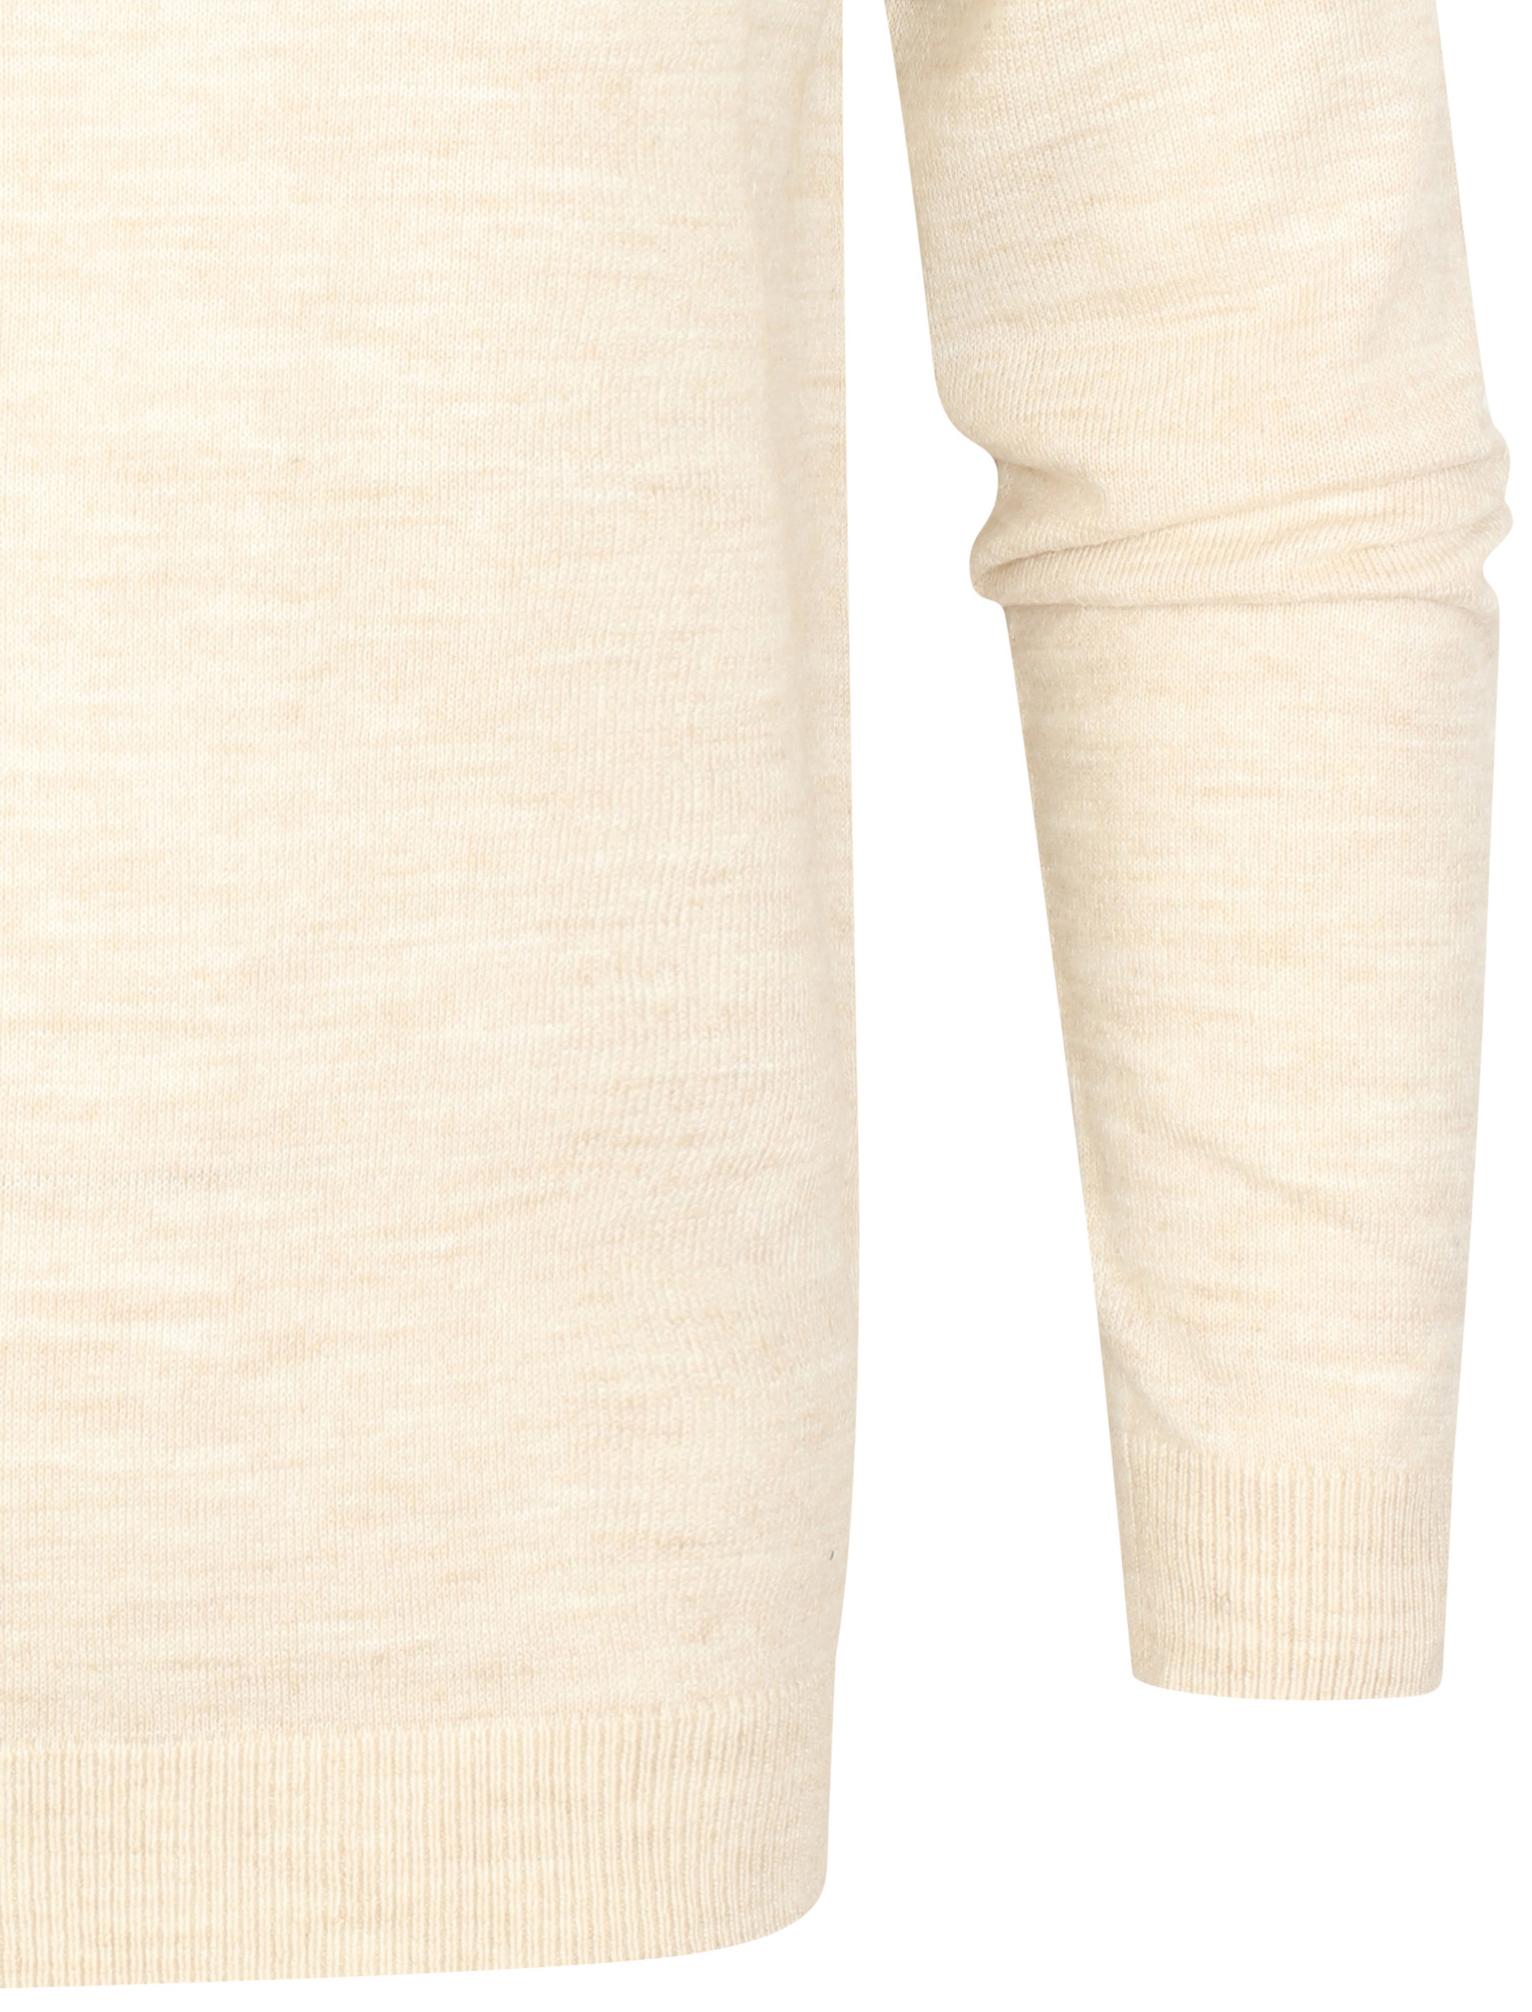 Kensington-Eastside-Men-039-s-Wool-Blend-Knitted-Crew-or-V-Neck-Jumper-Sweater-Top thumbnail 49